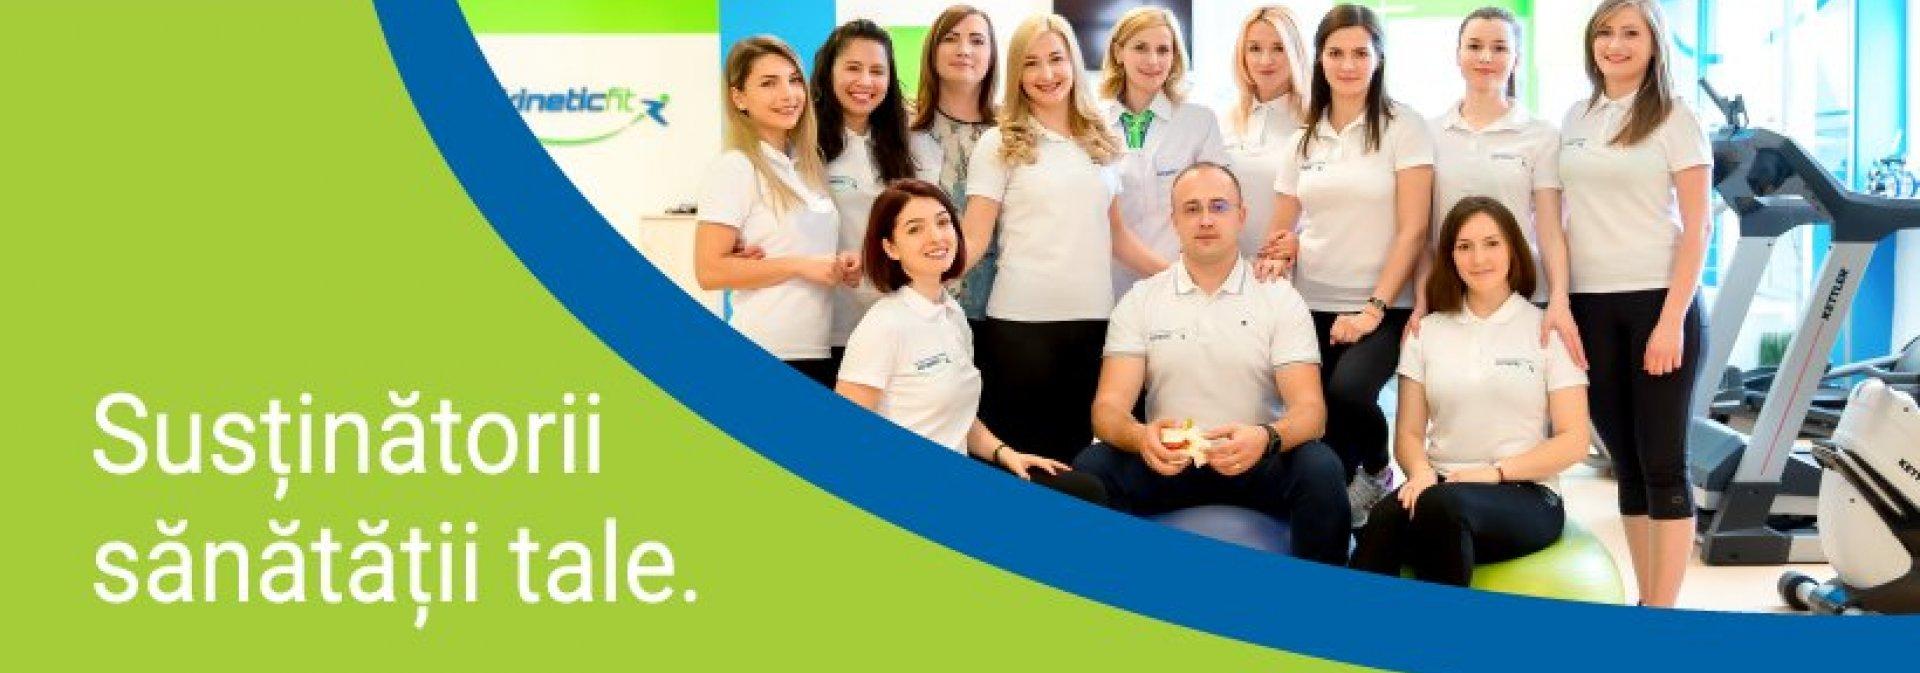 KineticFIT Recuperare Medicală, Iași